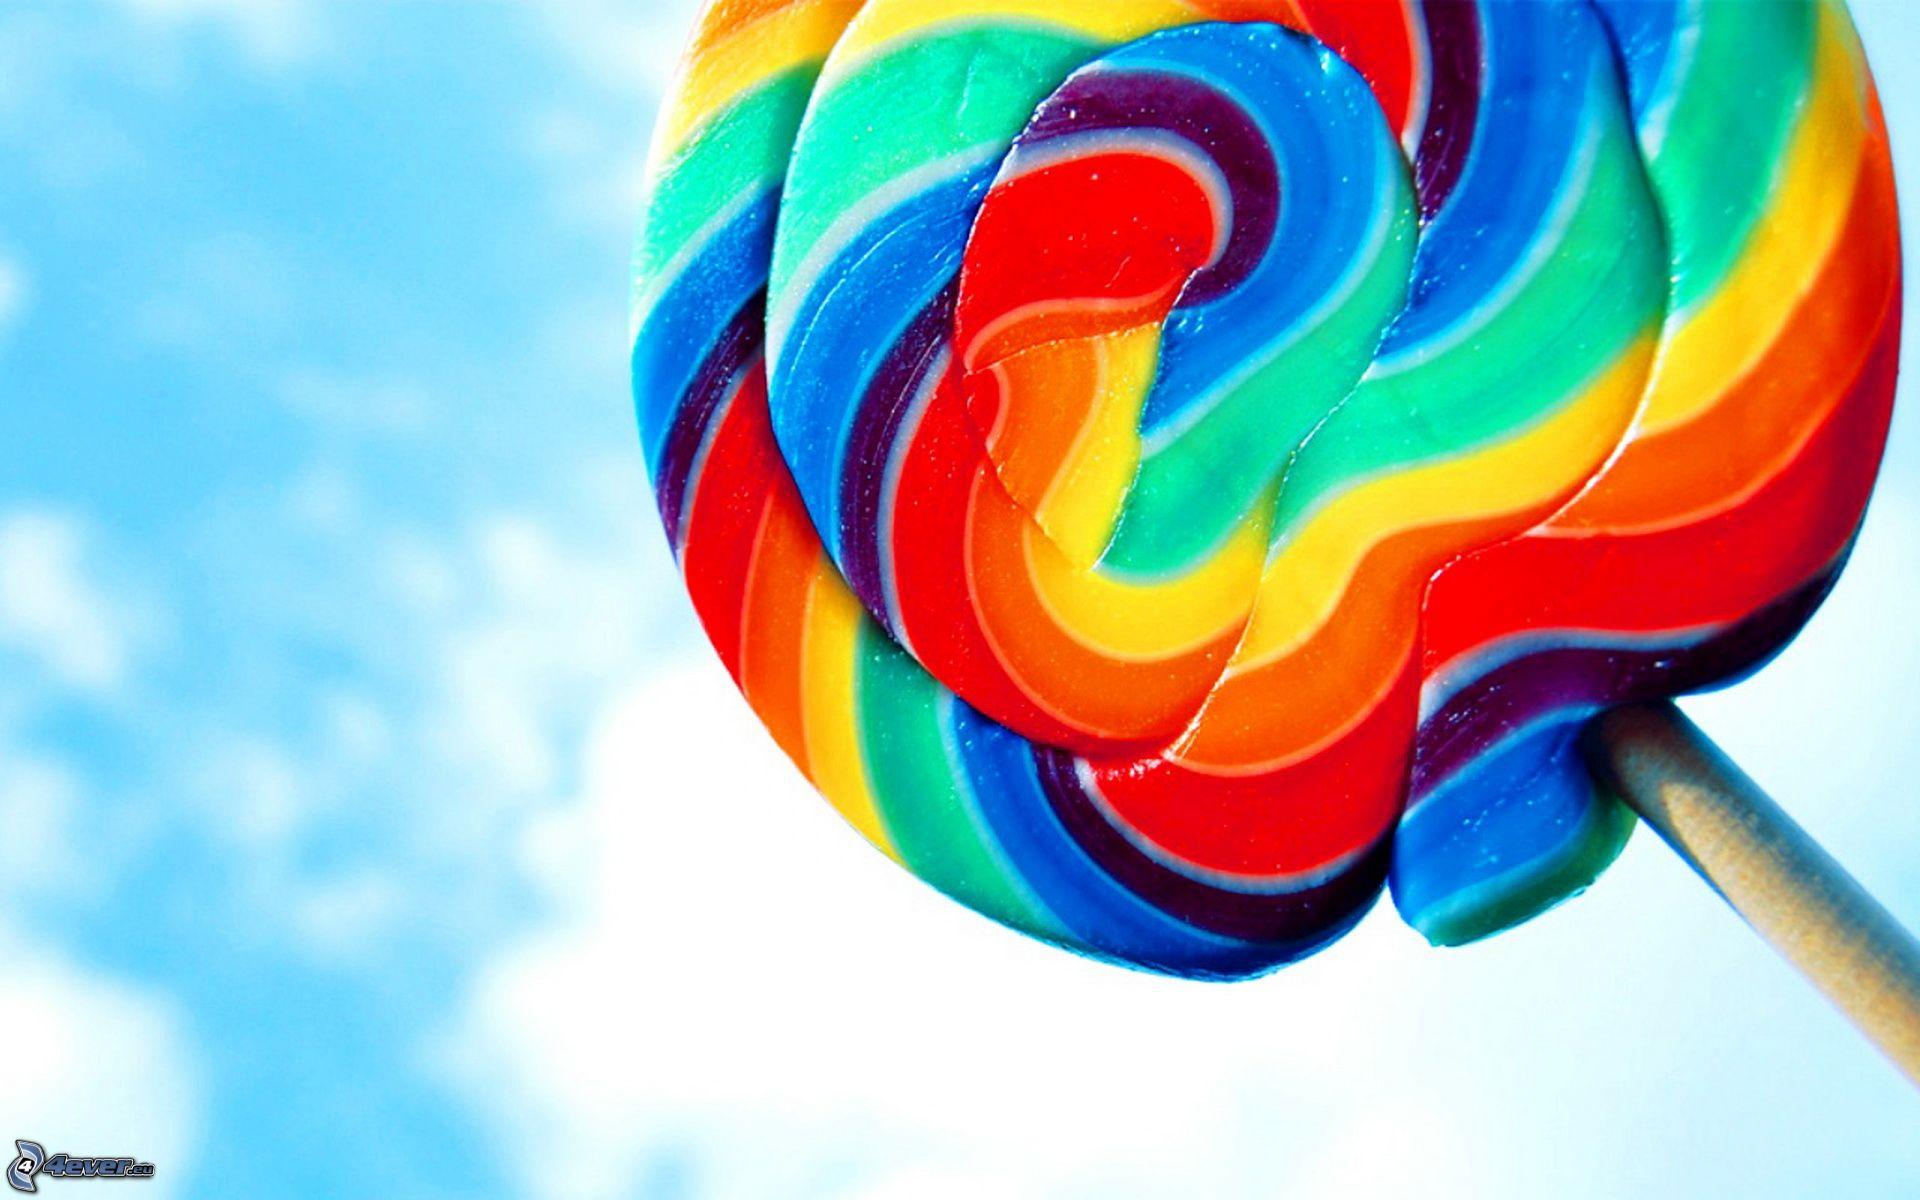 sucette colore - Sucette Colore